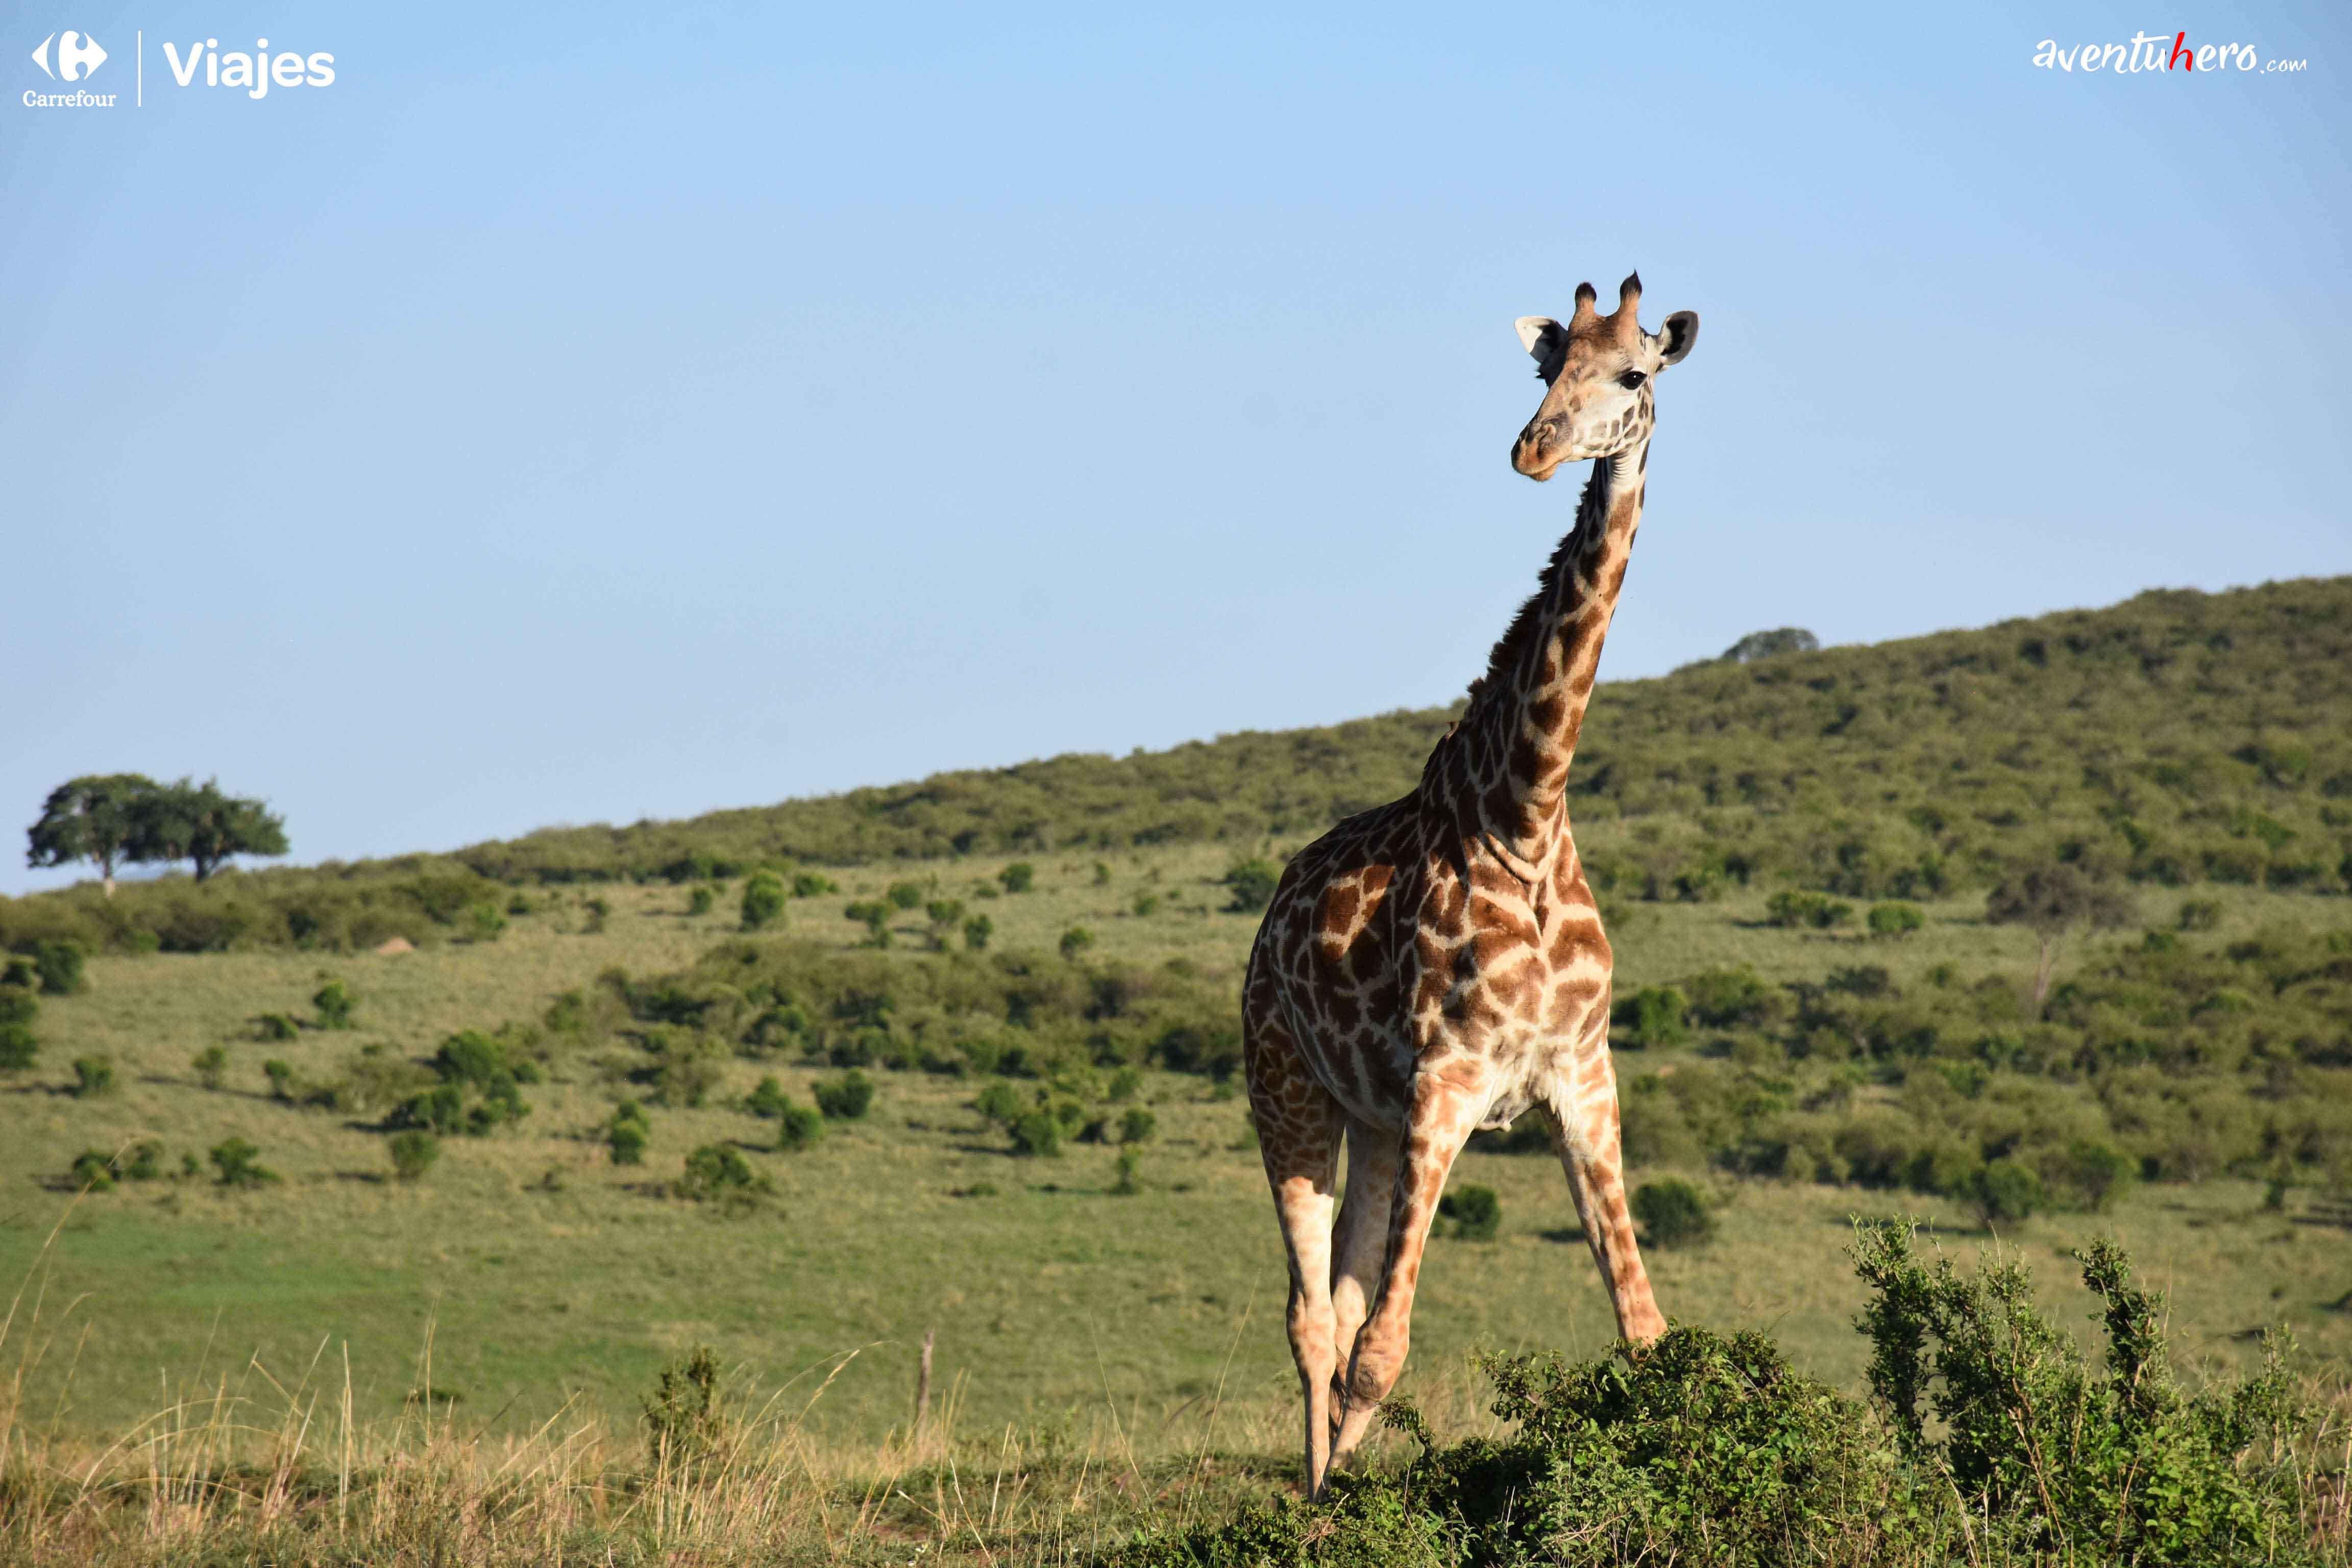 5 Jirafa Masai